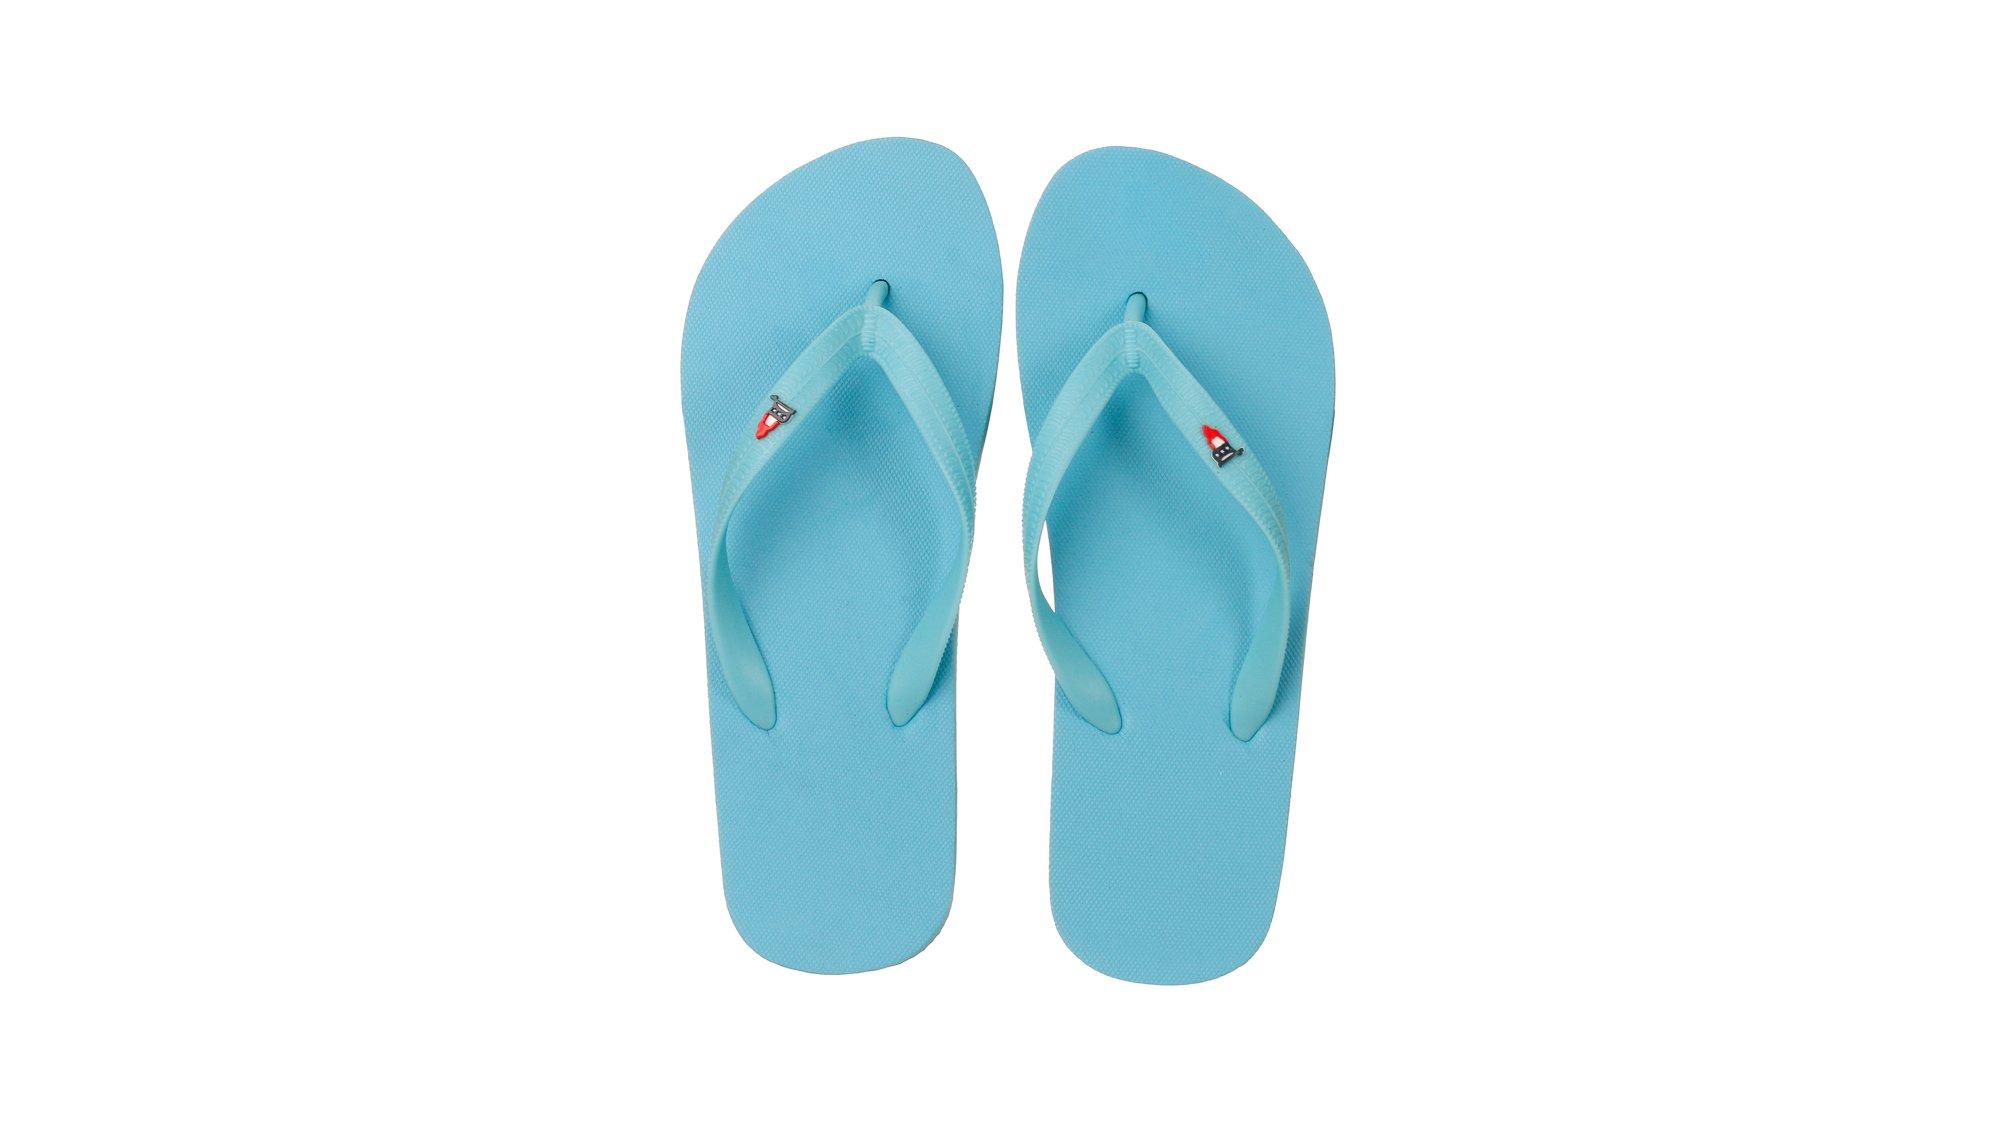 Scuola Nautica Shapka Plazhi Blu për Meshkuj, të masës 44, Model 811010